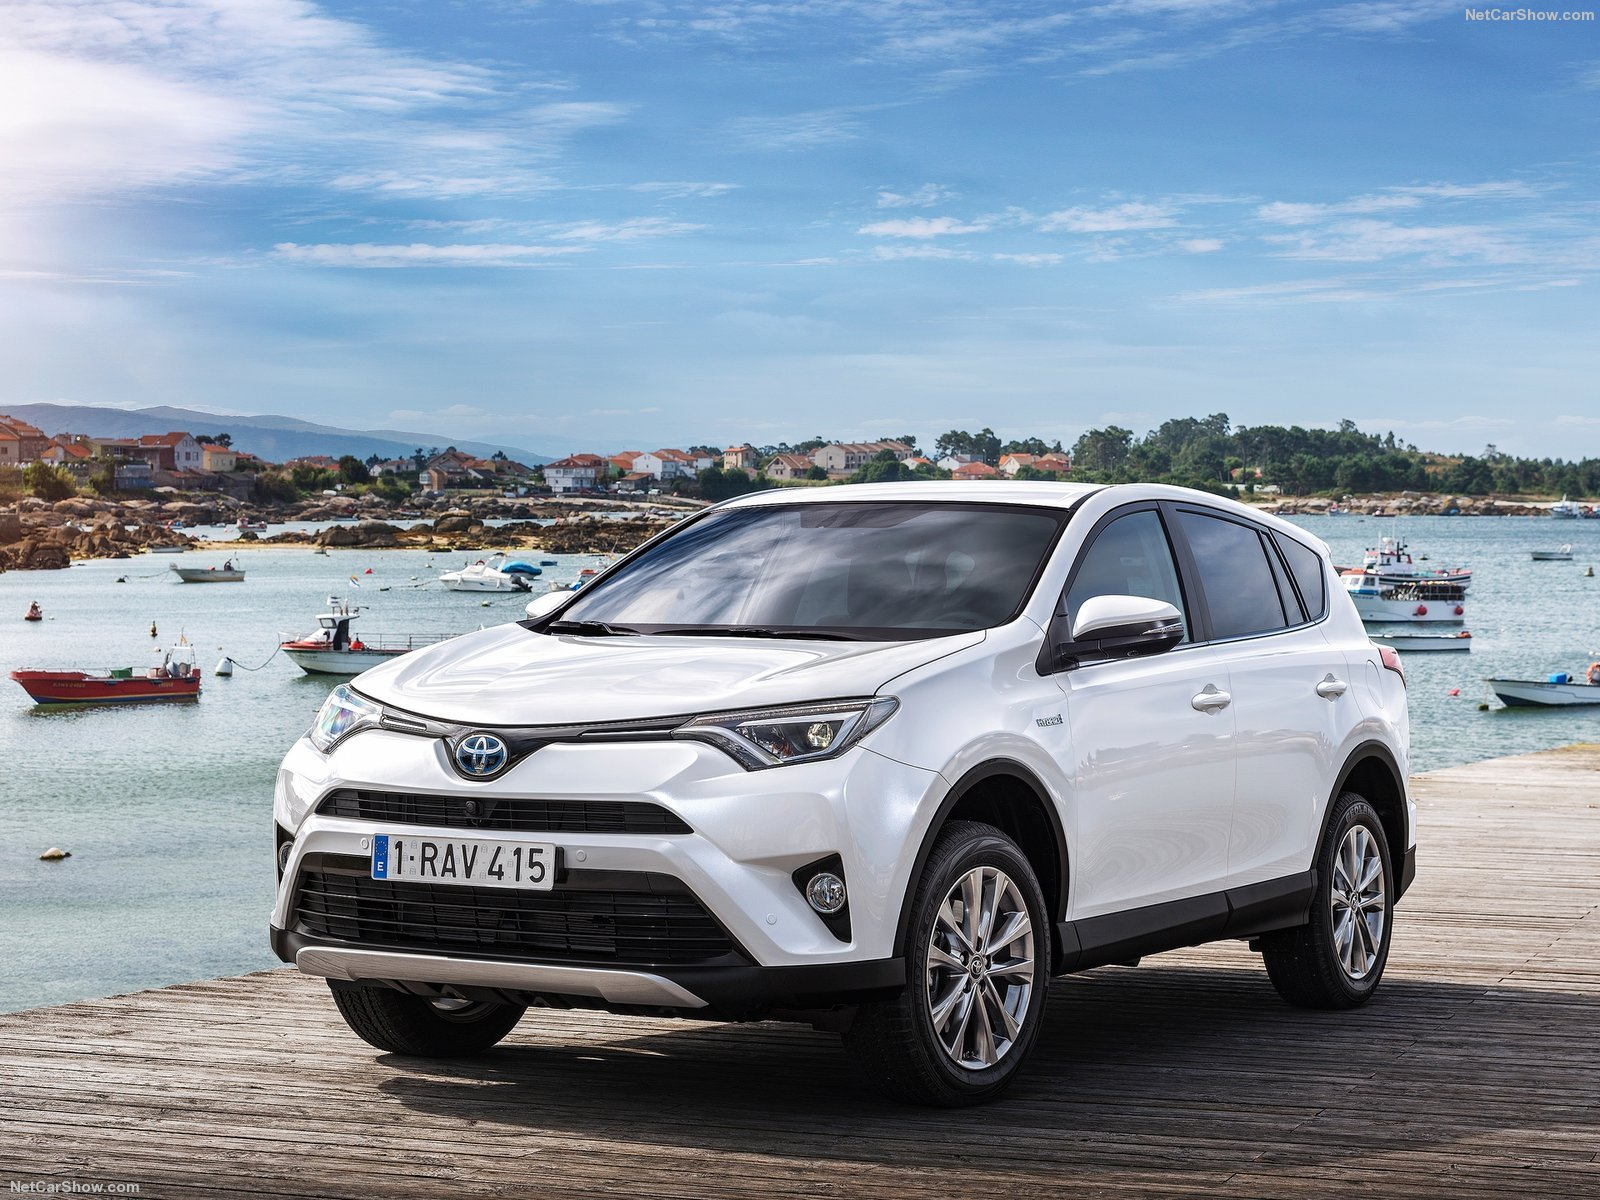 Toyota Hybrid Suv 2017 >> Toyota RAV4 Hybrid EU-Version cars suv white 2016 ...